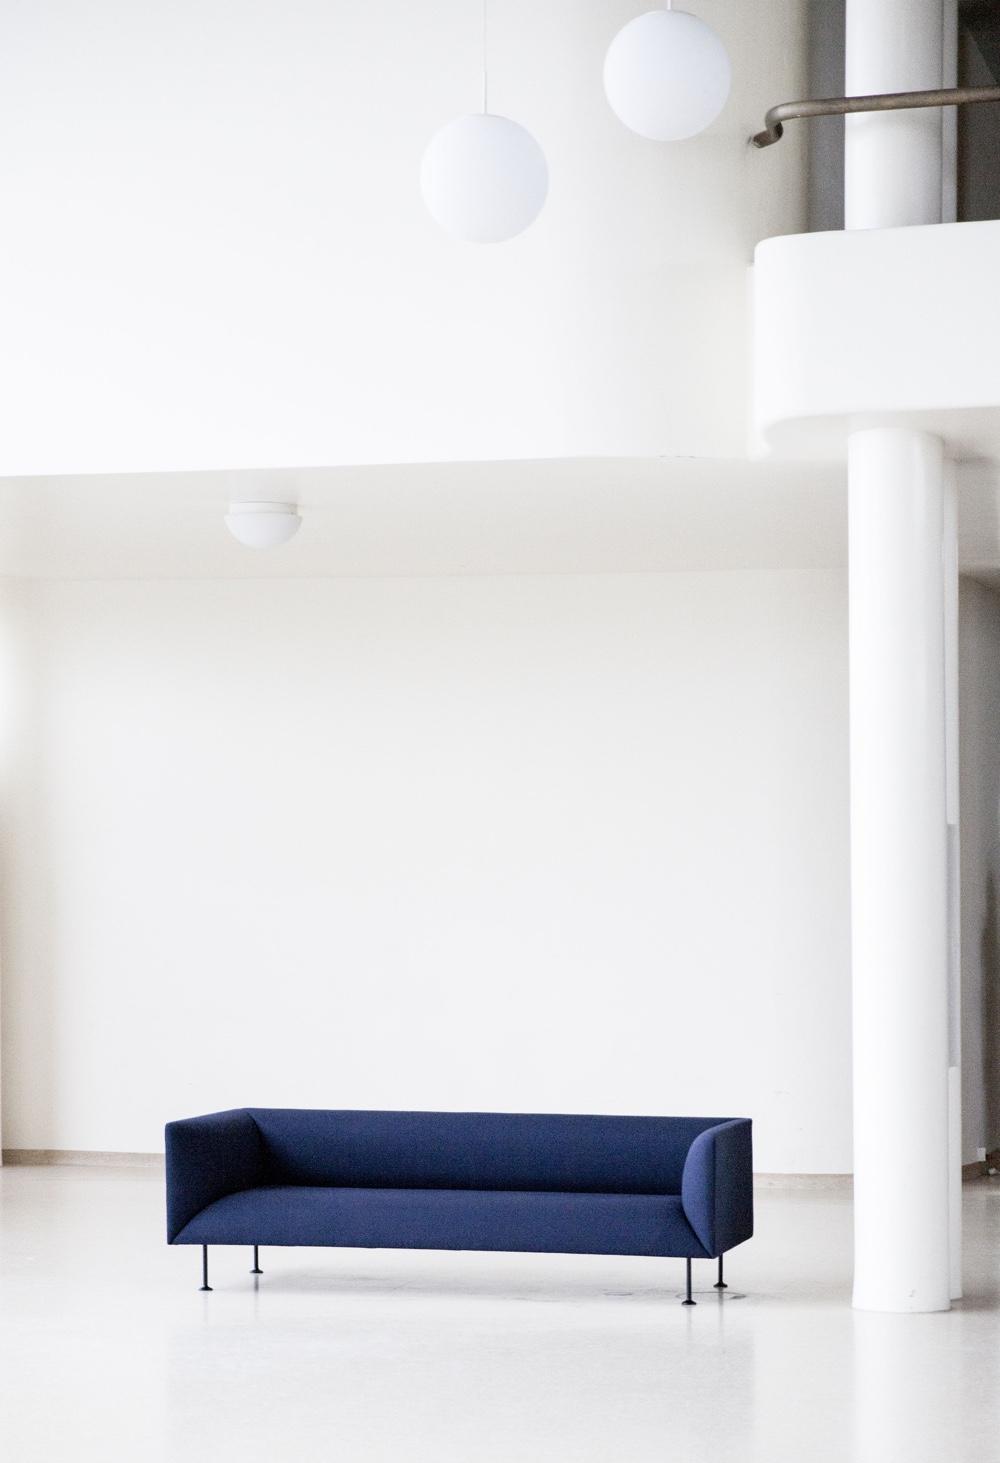 Принципы модернизма - синий диван